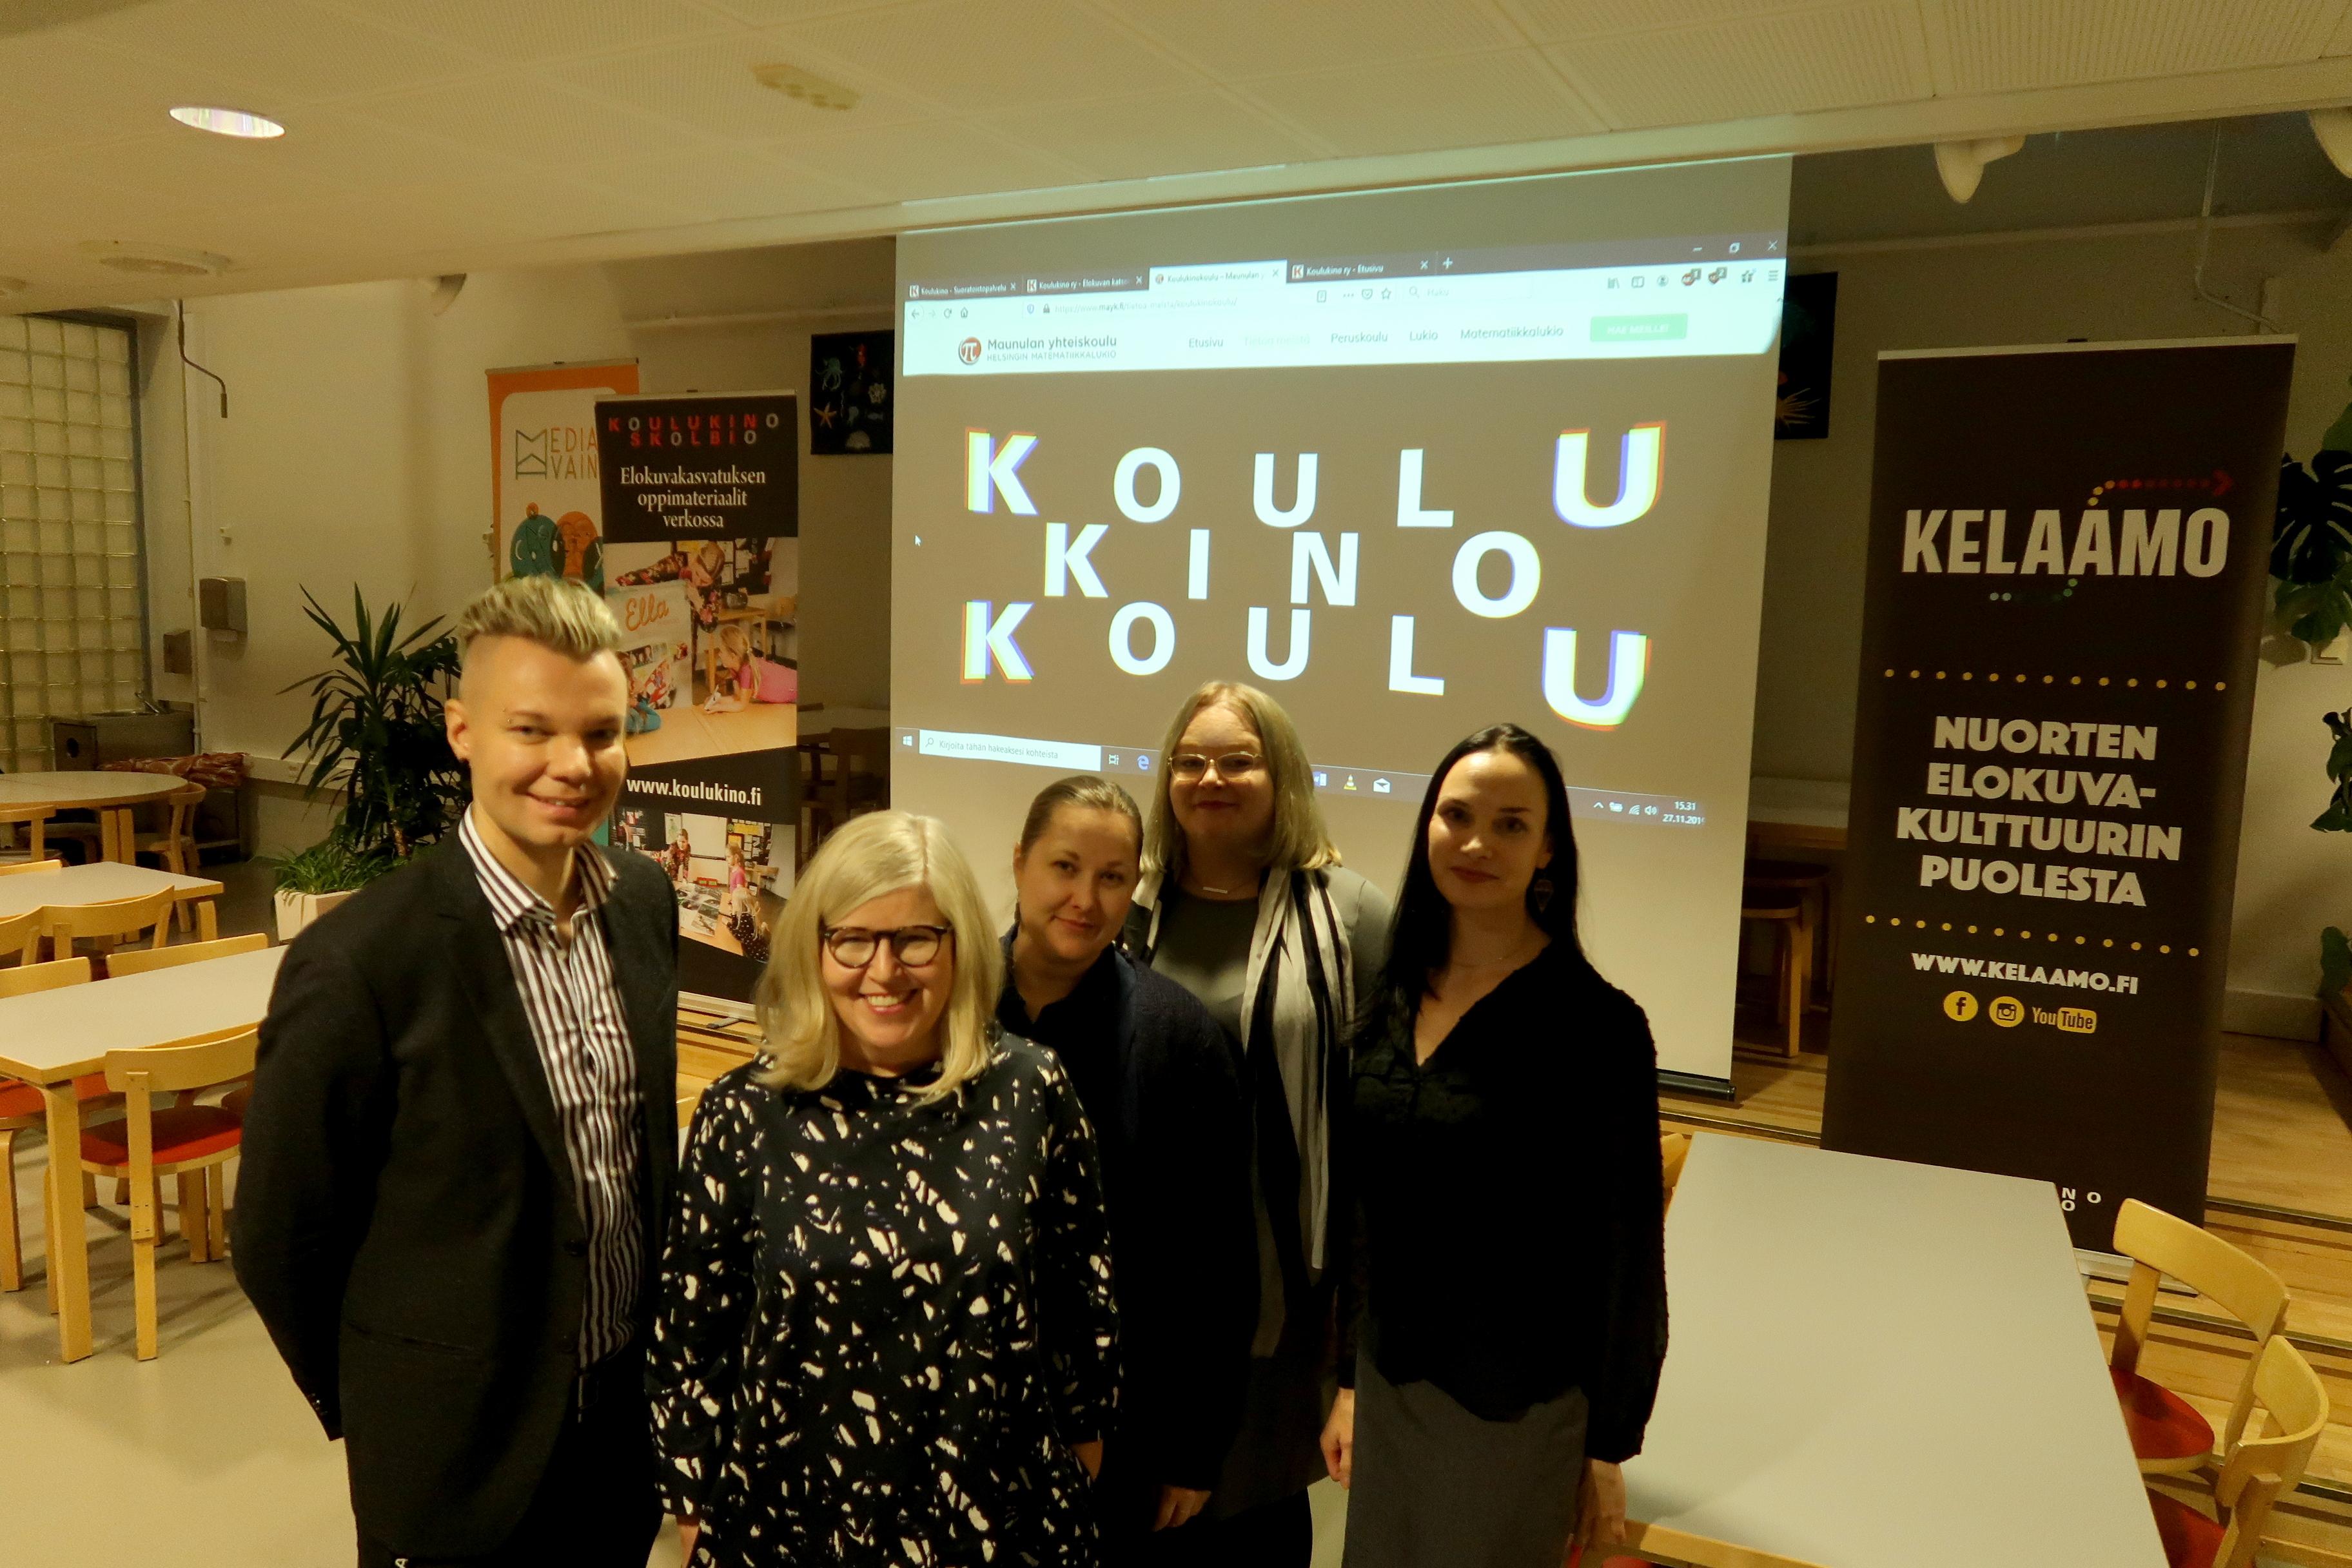 Olemme Suomen ensimmäinen koulukinokoulu